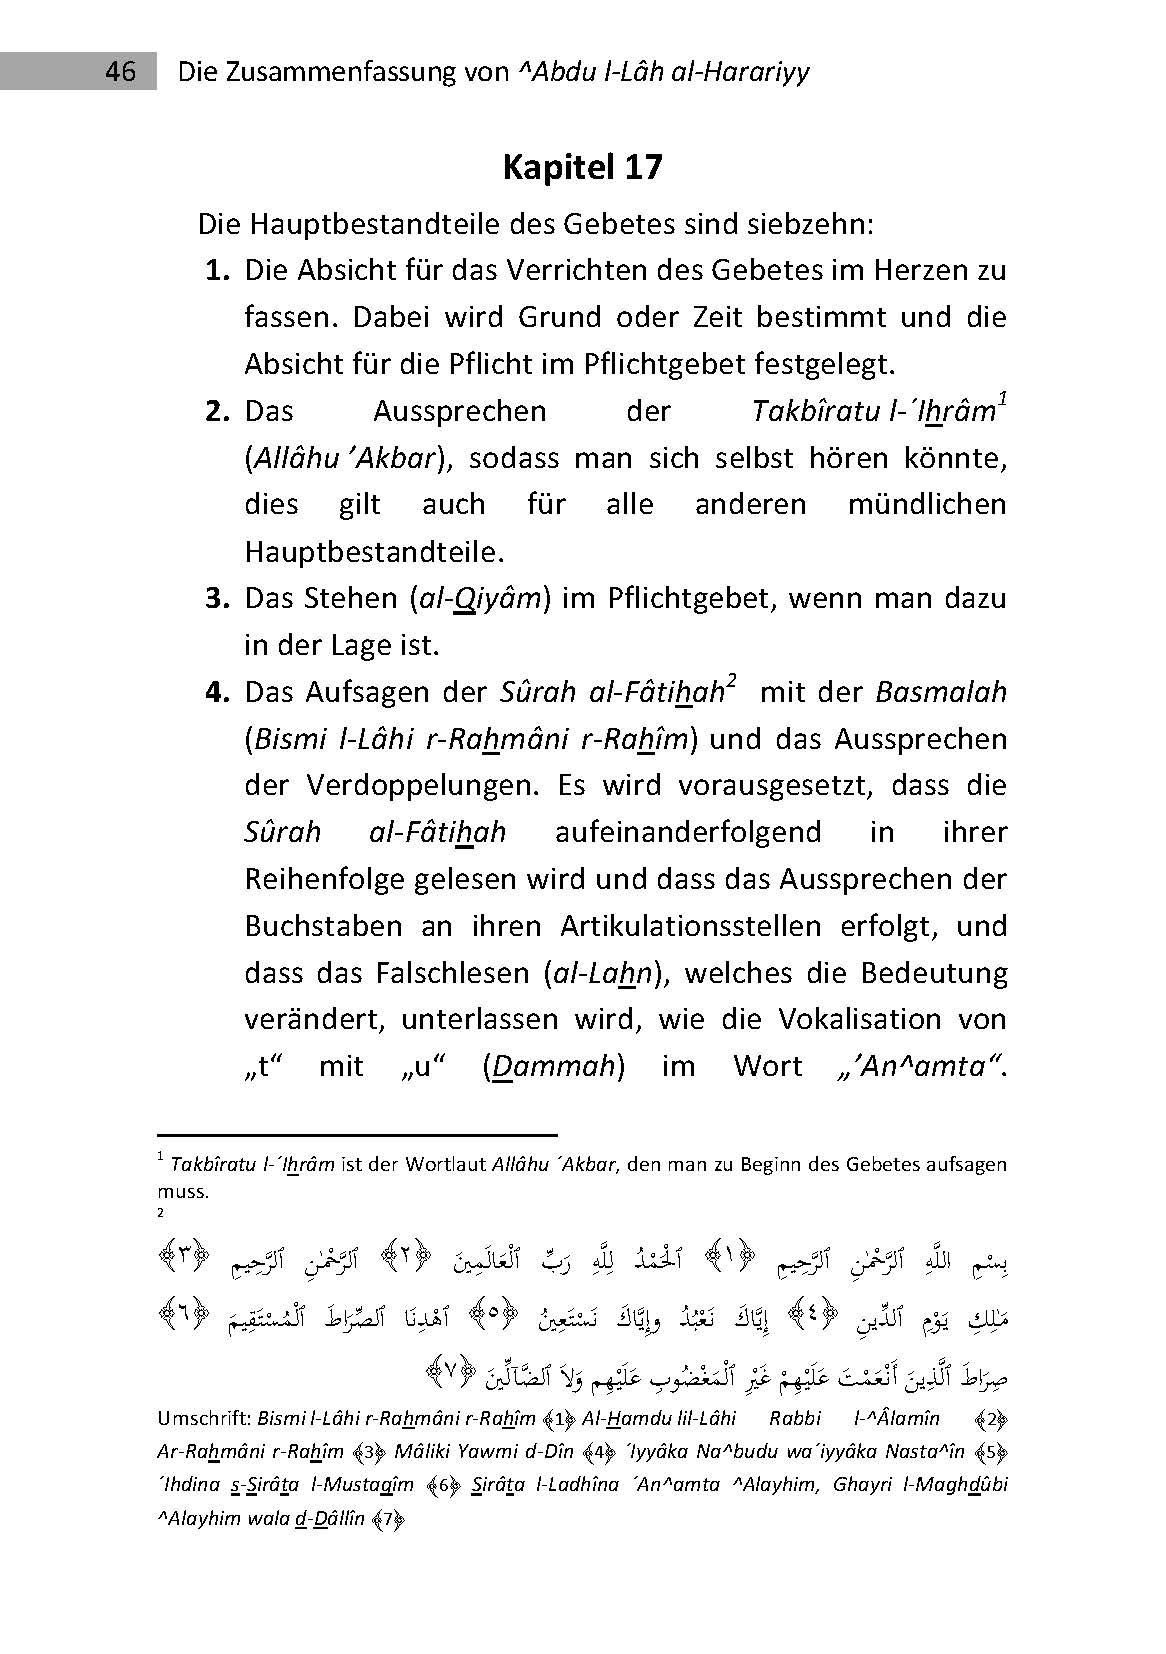 Die Zusammenfassung - 3. Auflage 2014_Seite_46